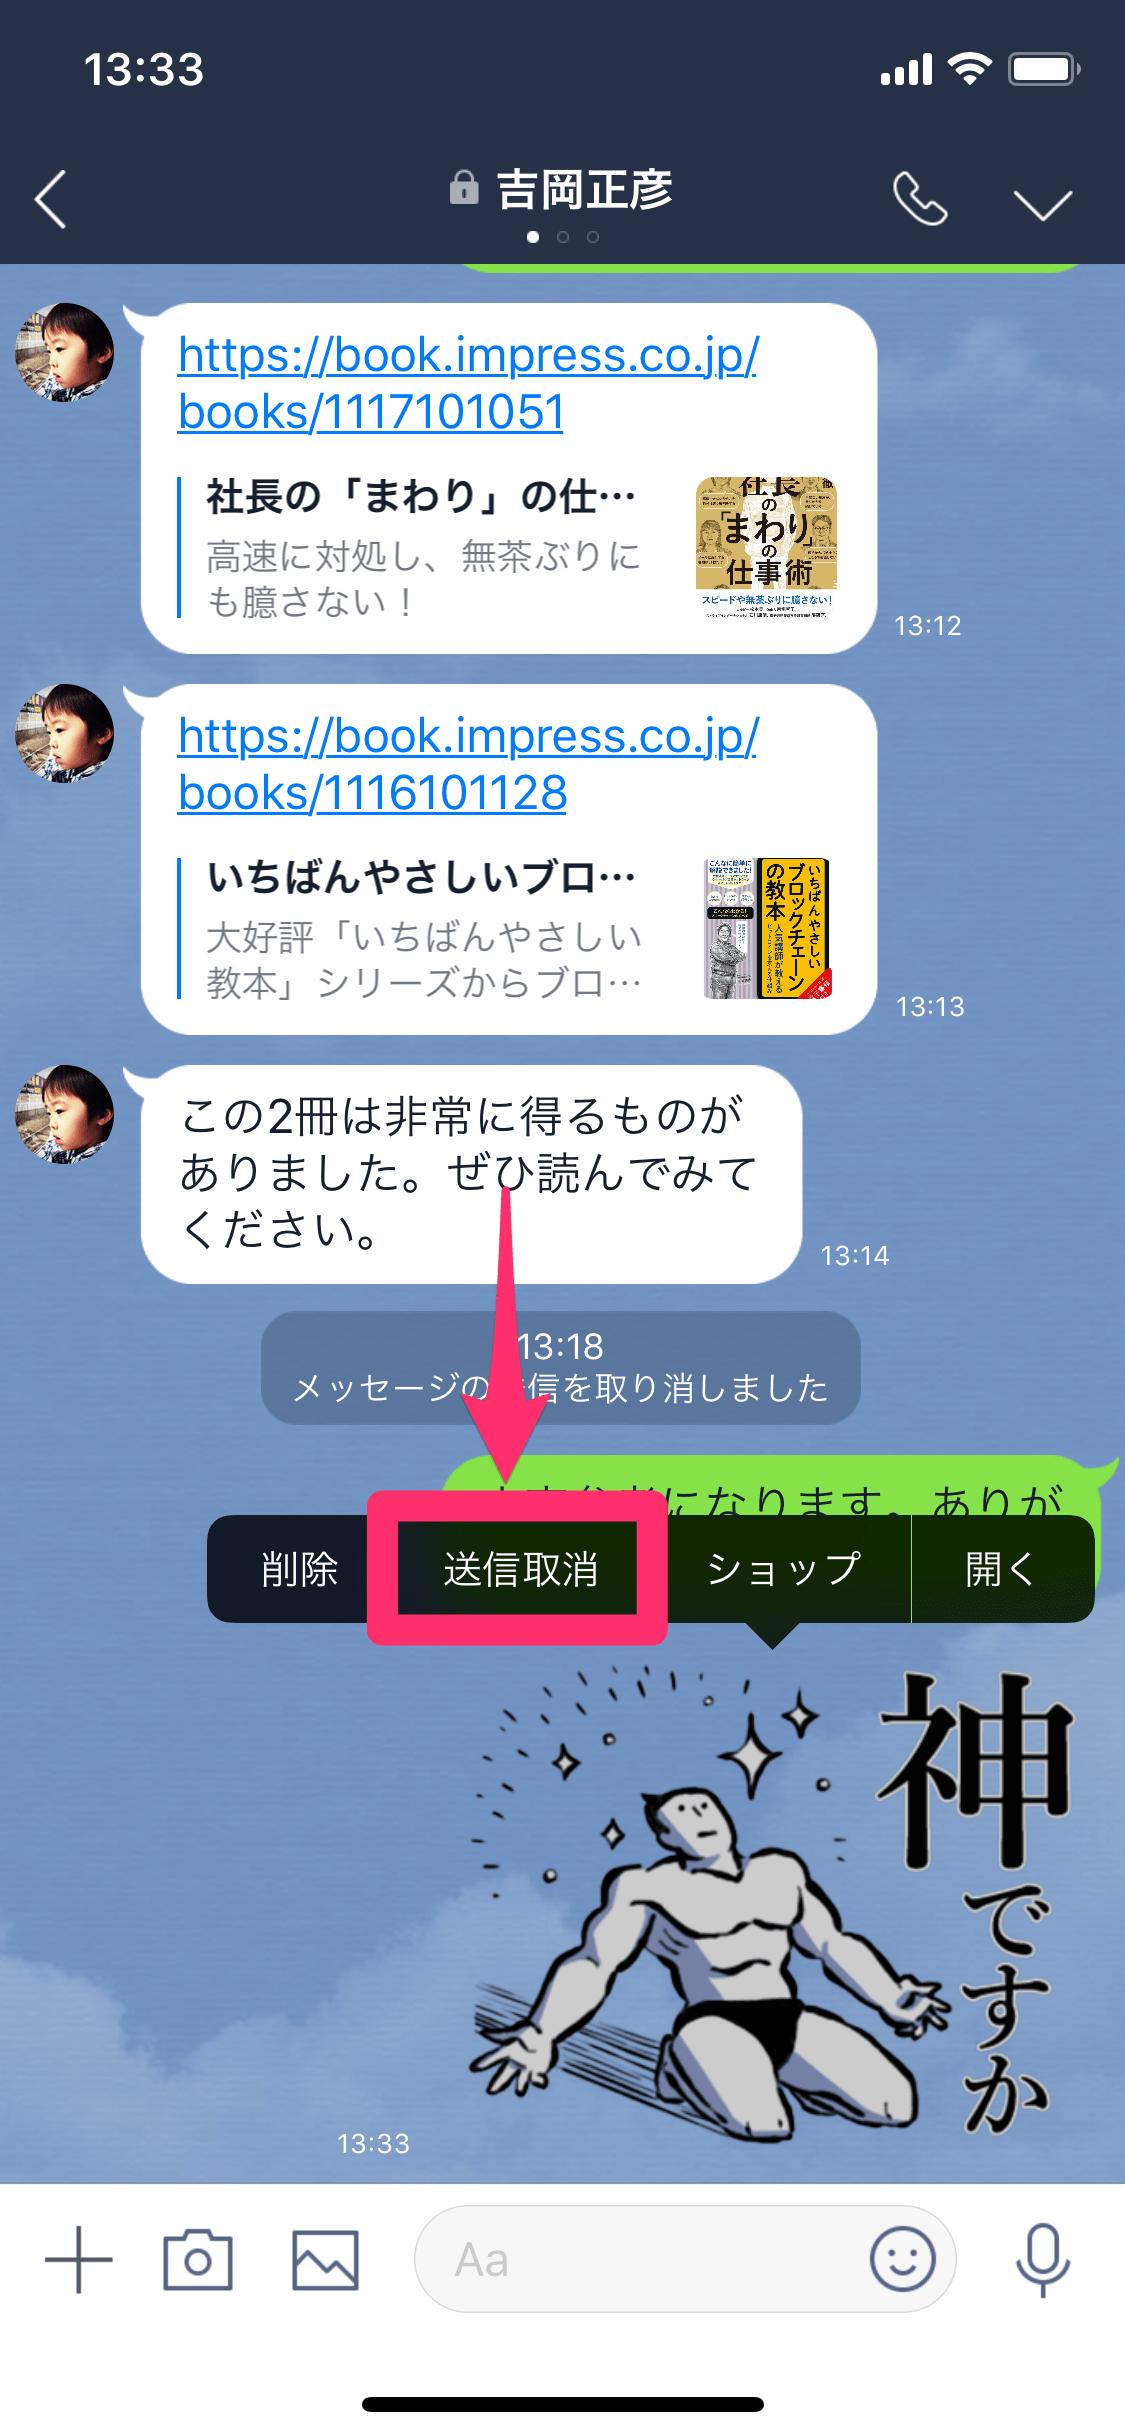 【LINE】ついに「送信取消」が可能に! ただしiPhoneの通知機能には要注意